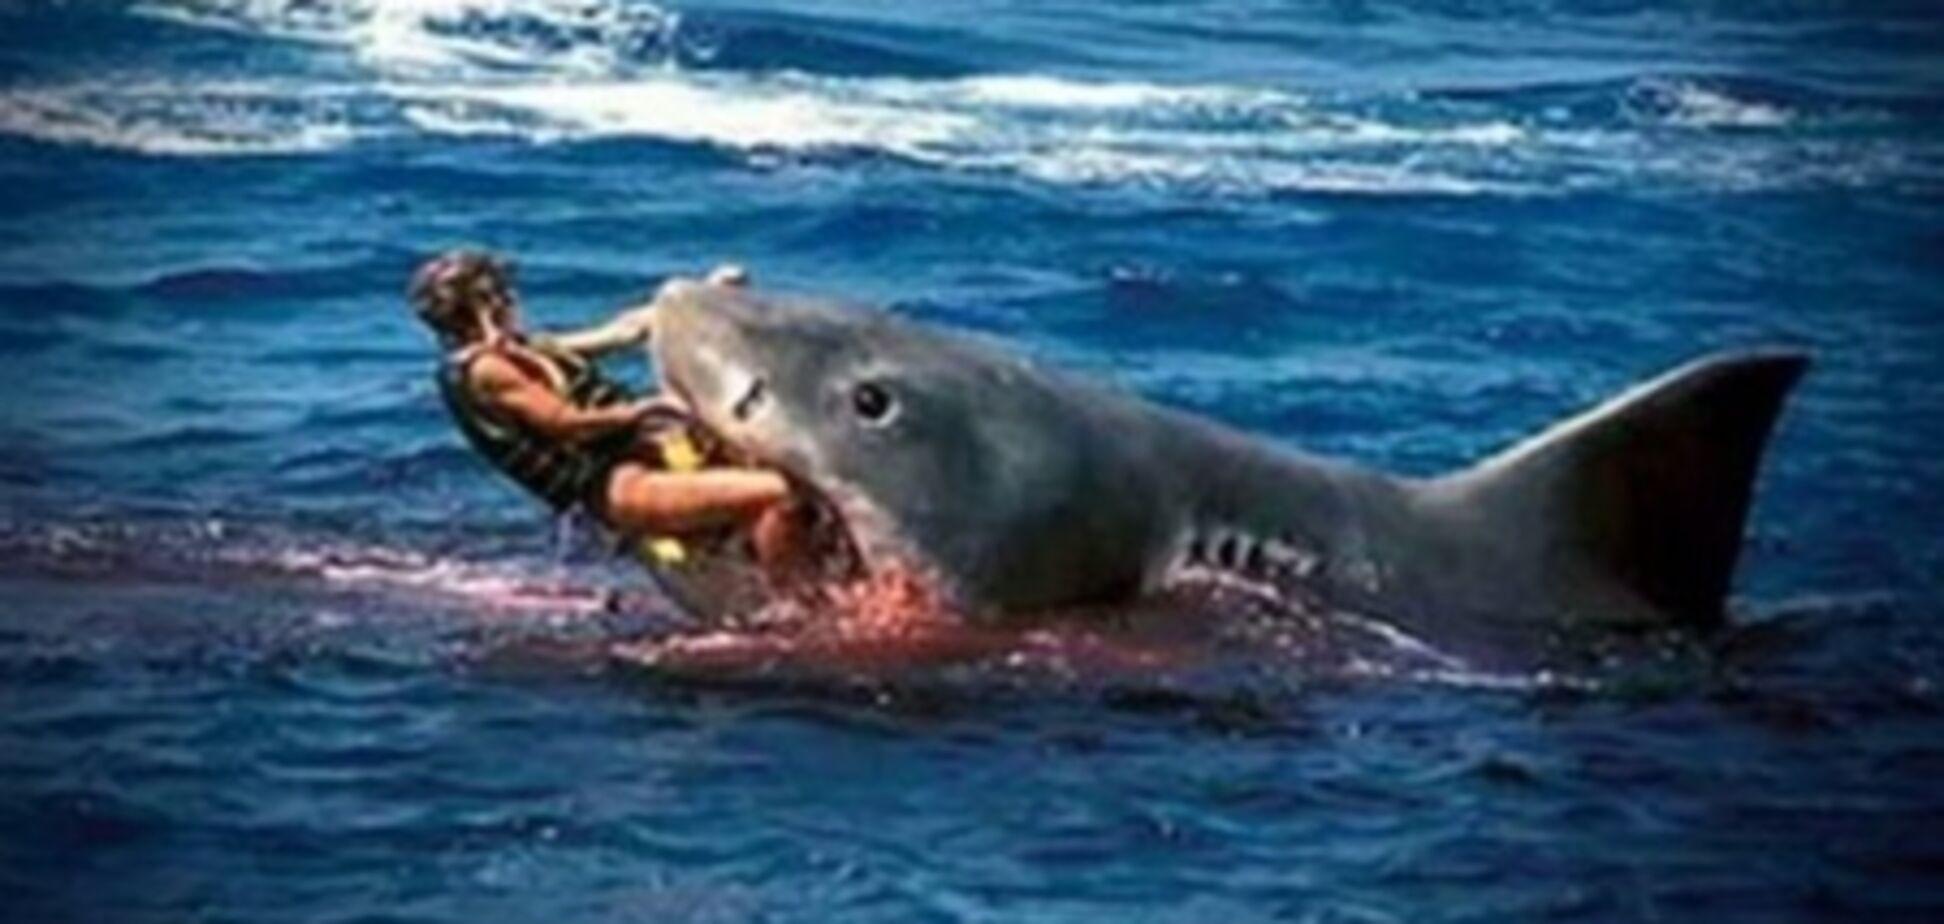 В Приморье выловили двухметровую акулу